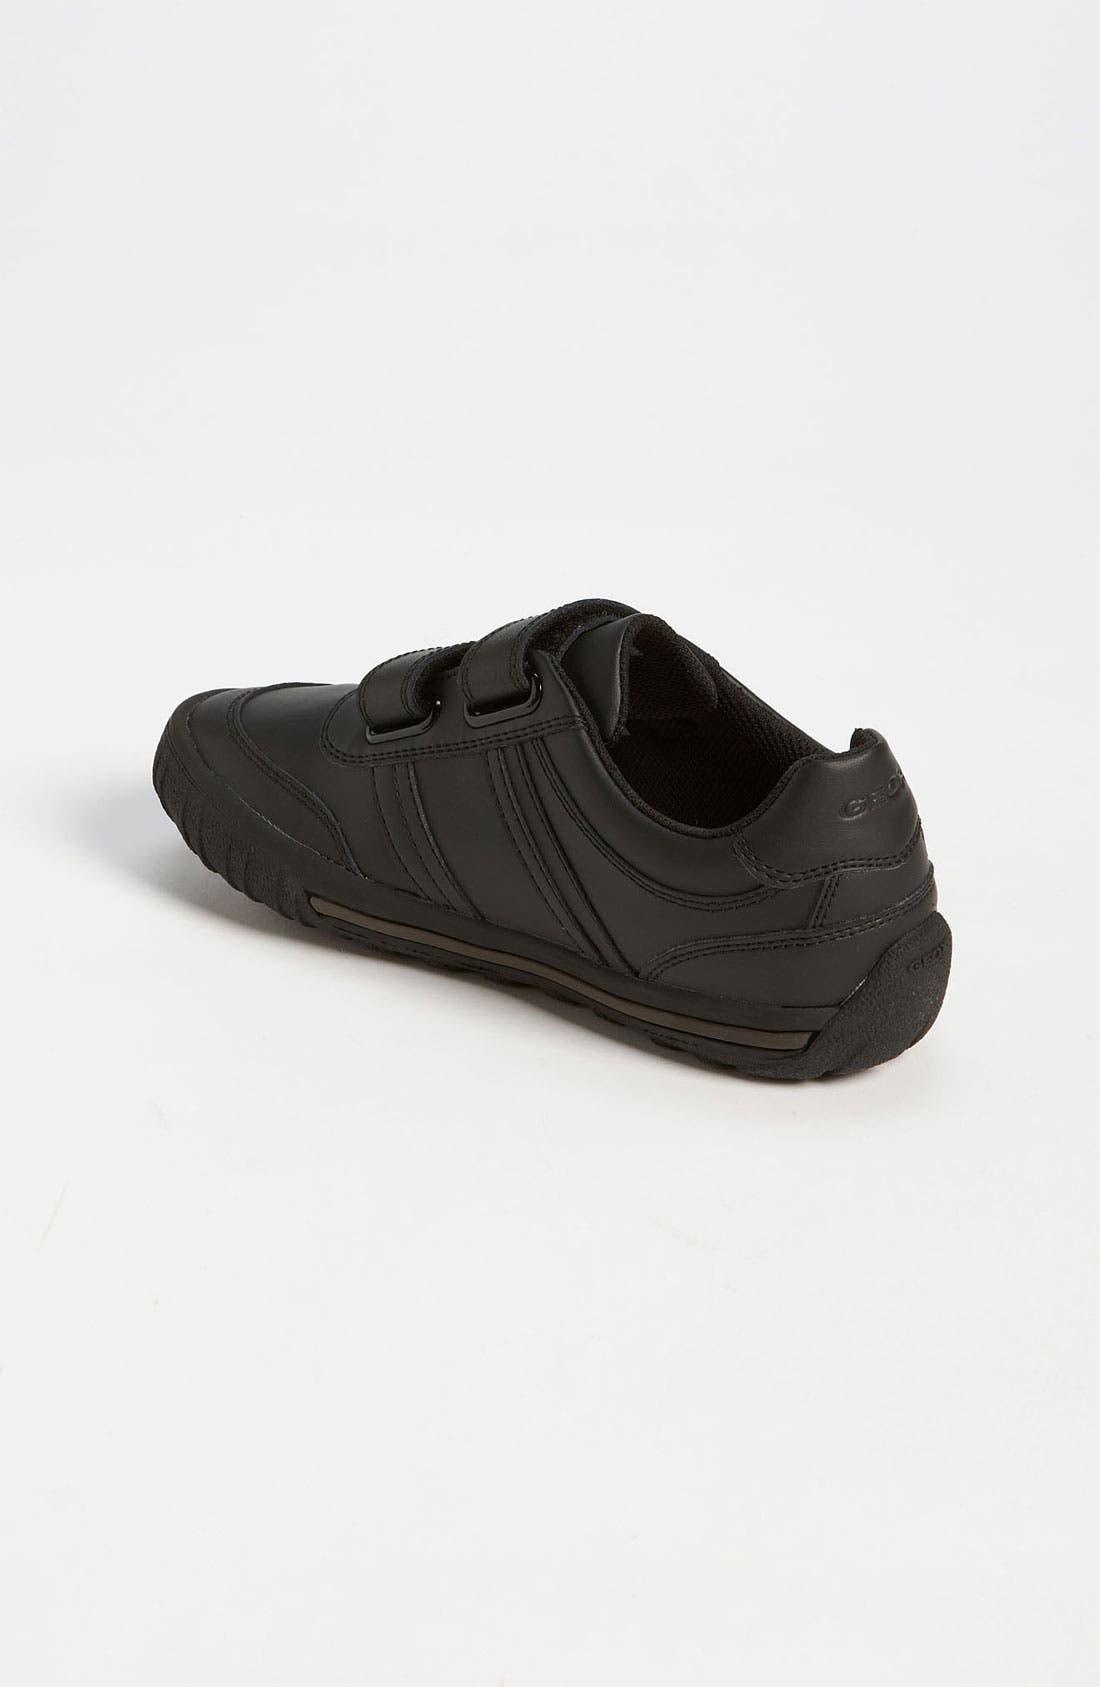 Alternate Image 2  - Geox 'Atlante Smooth' Sneaker (Toddler, Little Kid & Big Kid)